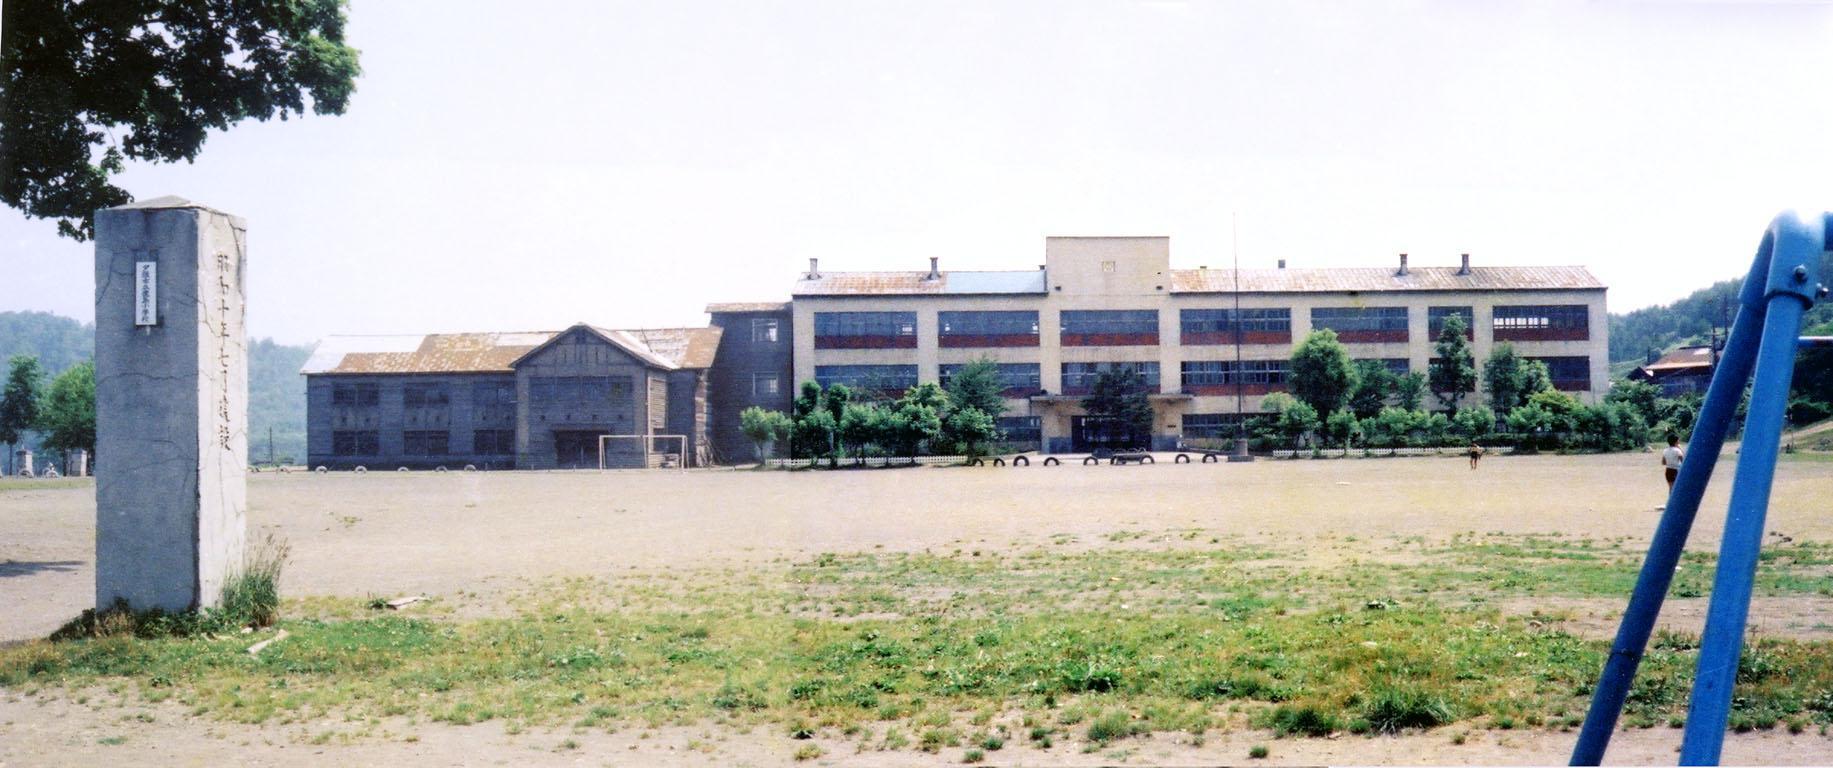 鹿島小学校グラウンドと門柱